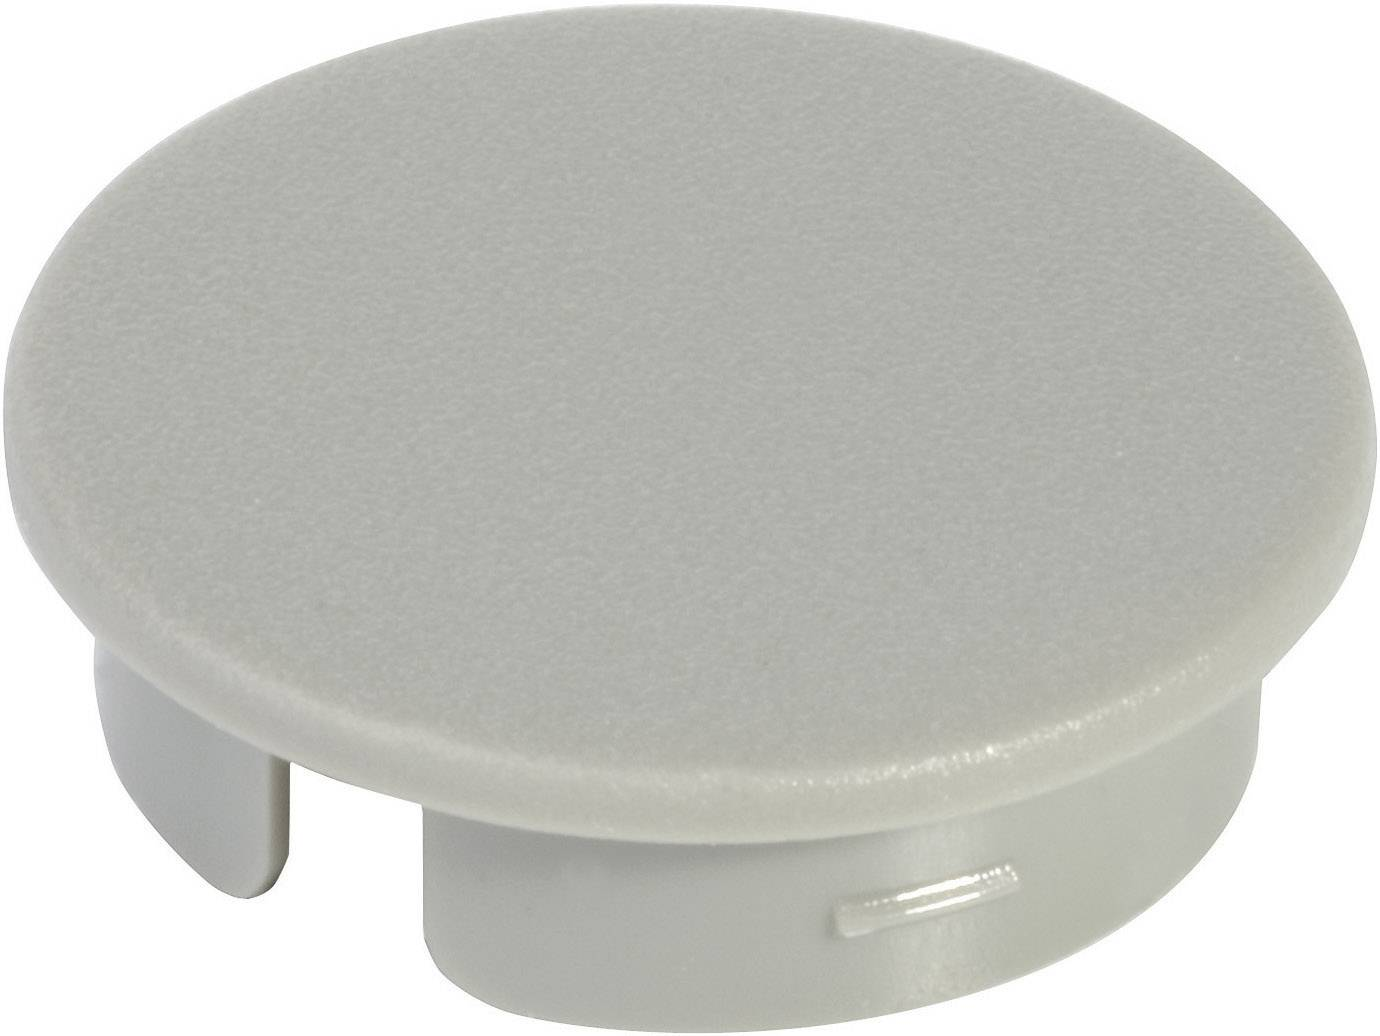 Krytka na otočný knoflík s ukazatelem OKW, pro knoflíky/O 20 mm, šedá